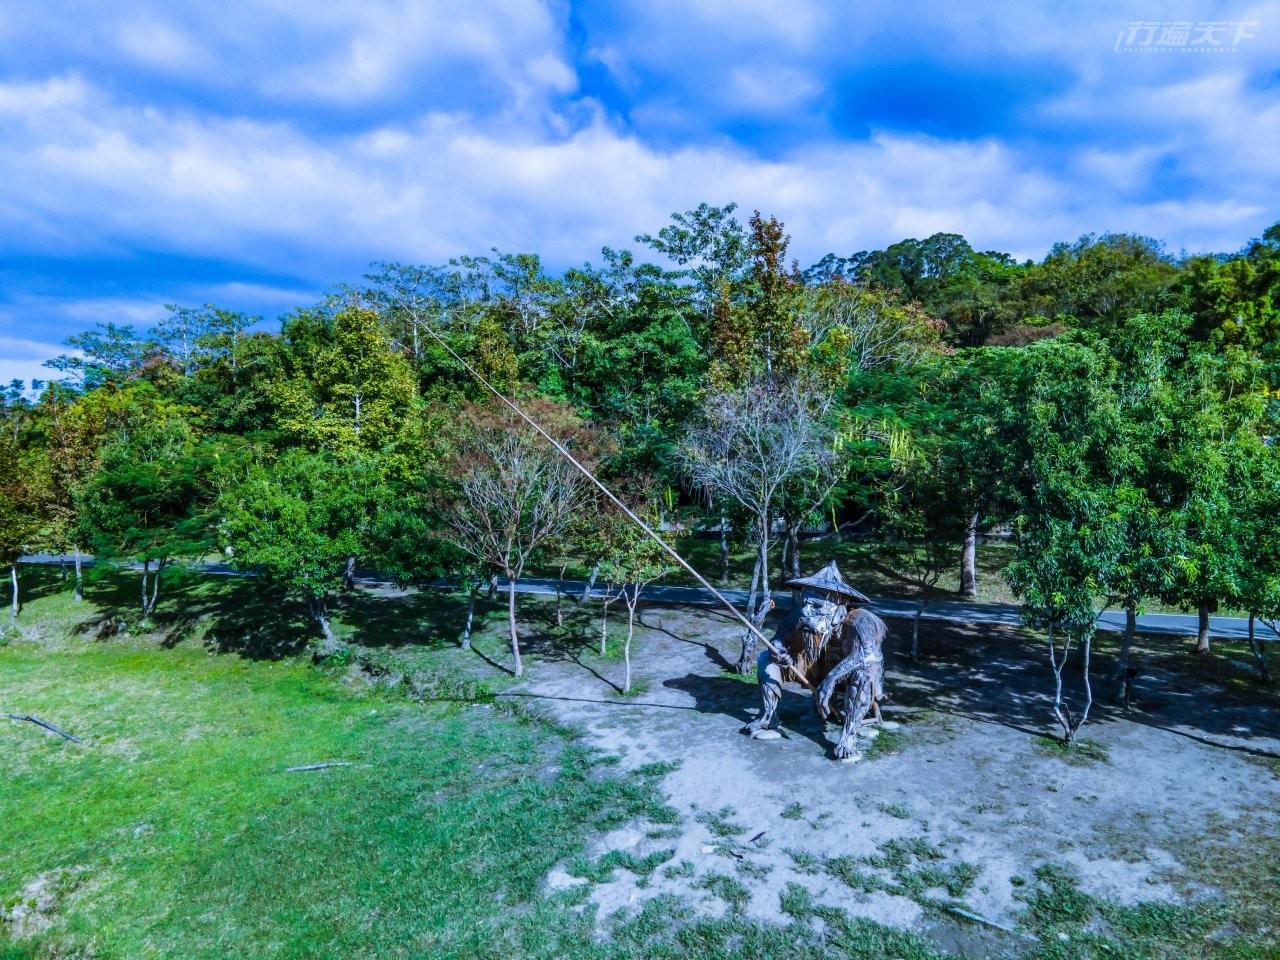 ▲大坡池東岸的藝術品《何時》,整尊以漂流木打造。(讀者提供)